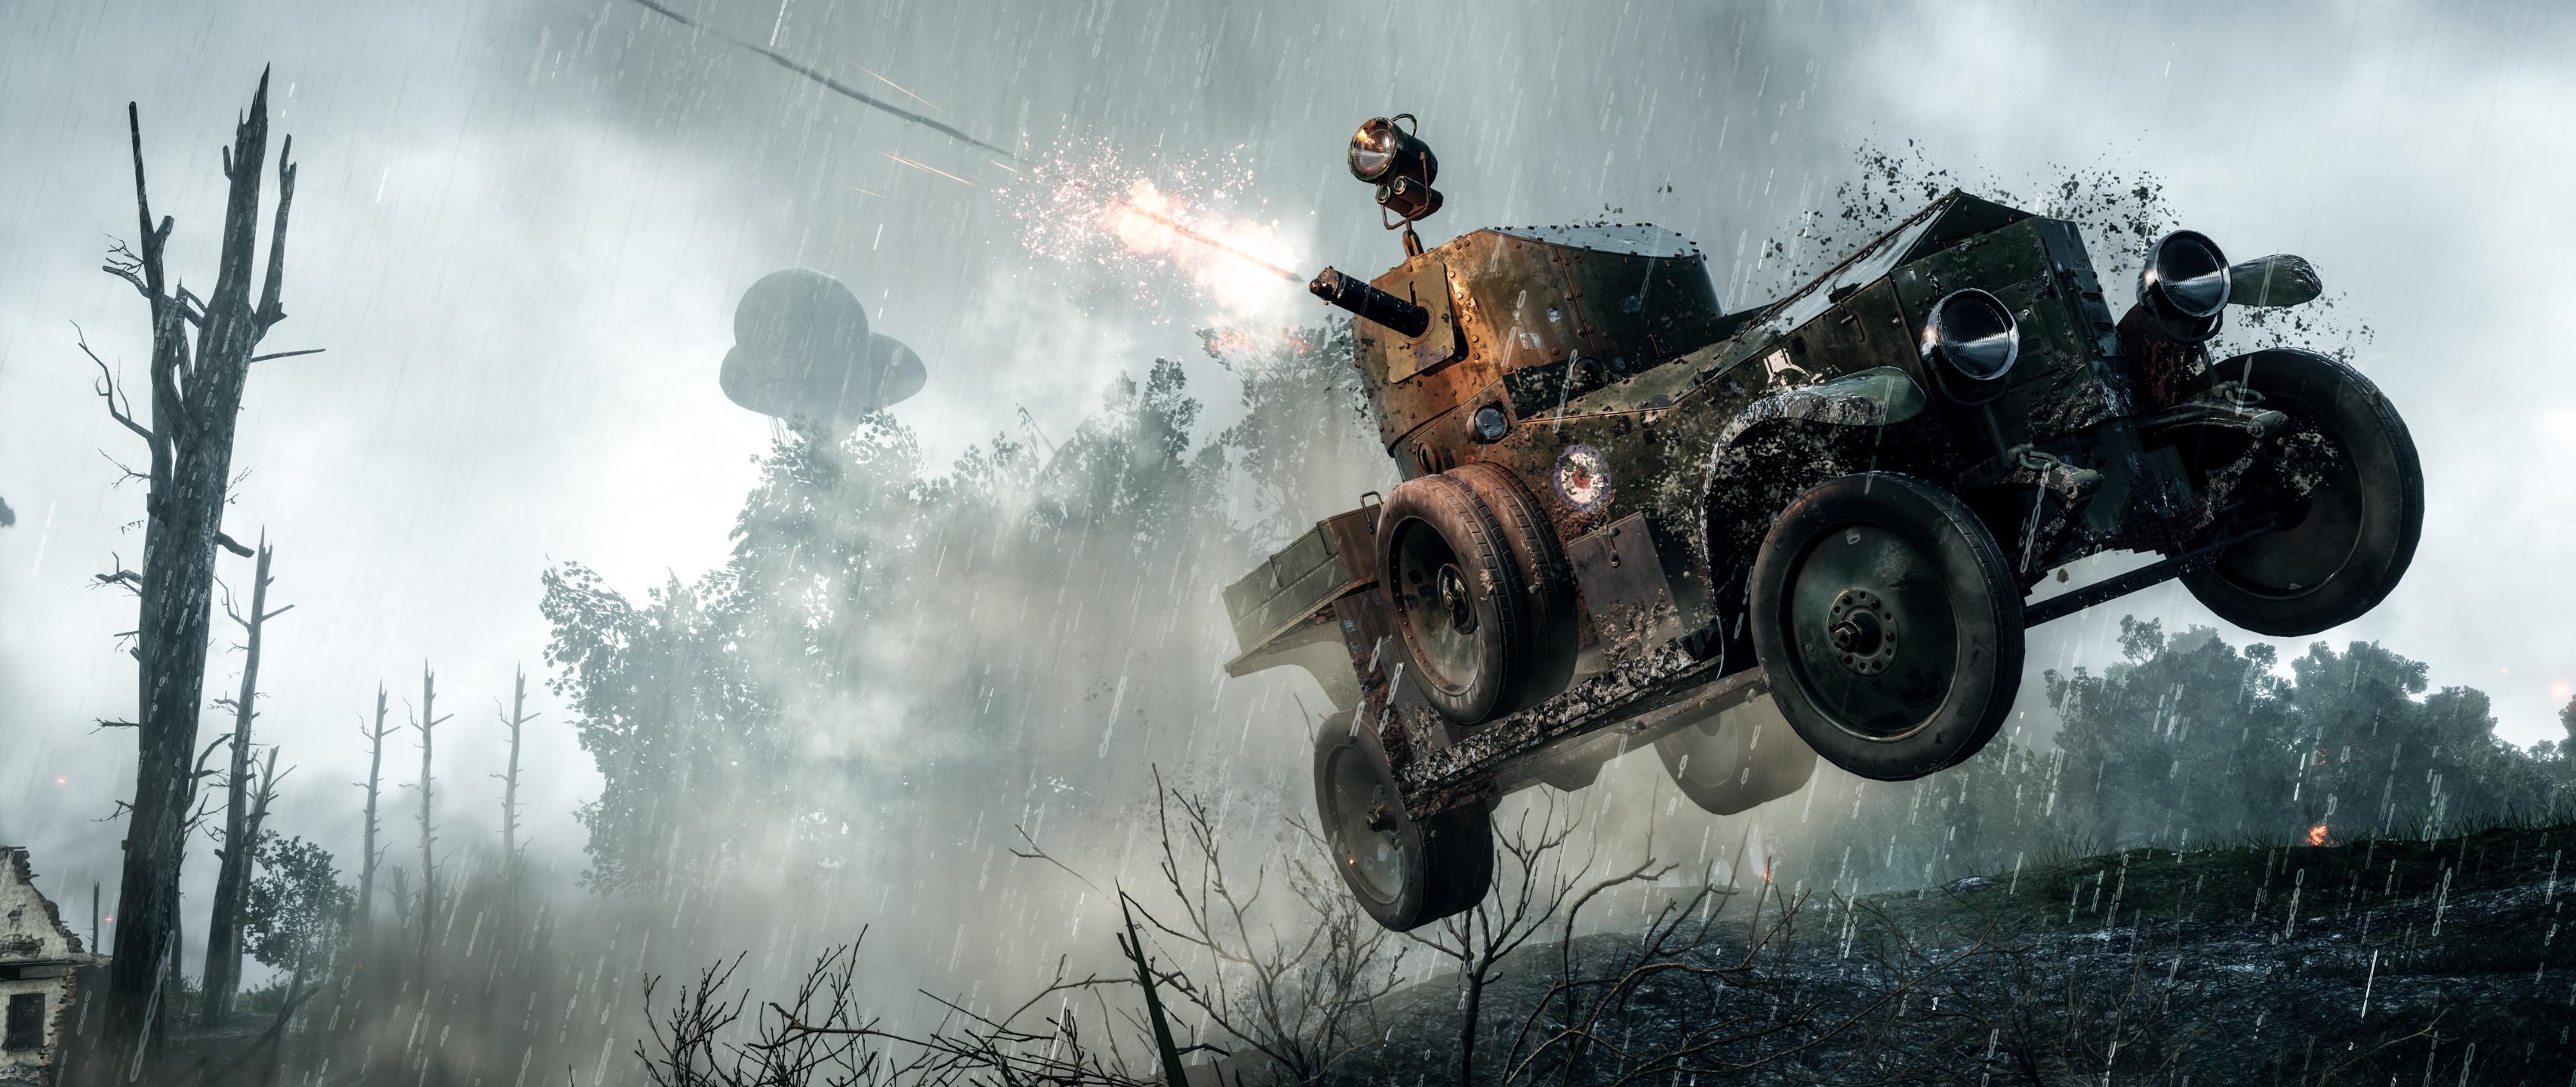 Battlefield 1 Wallpaper (77+ immagini)